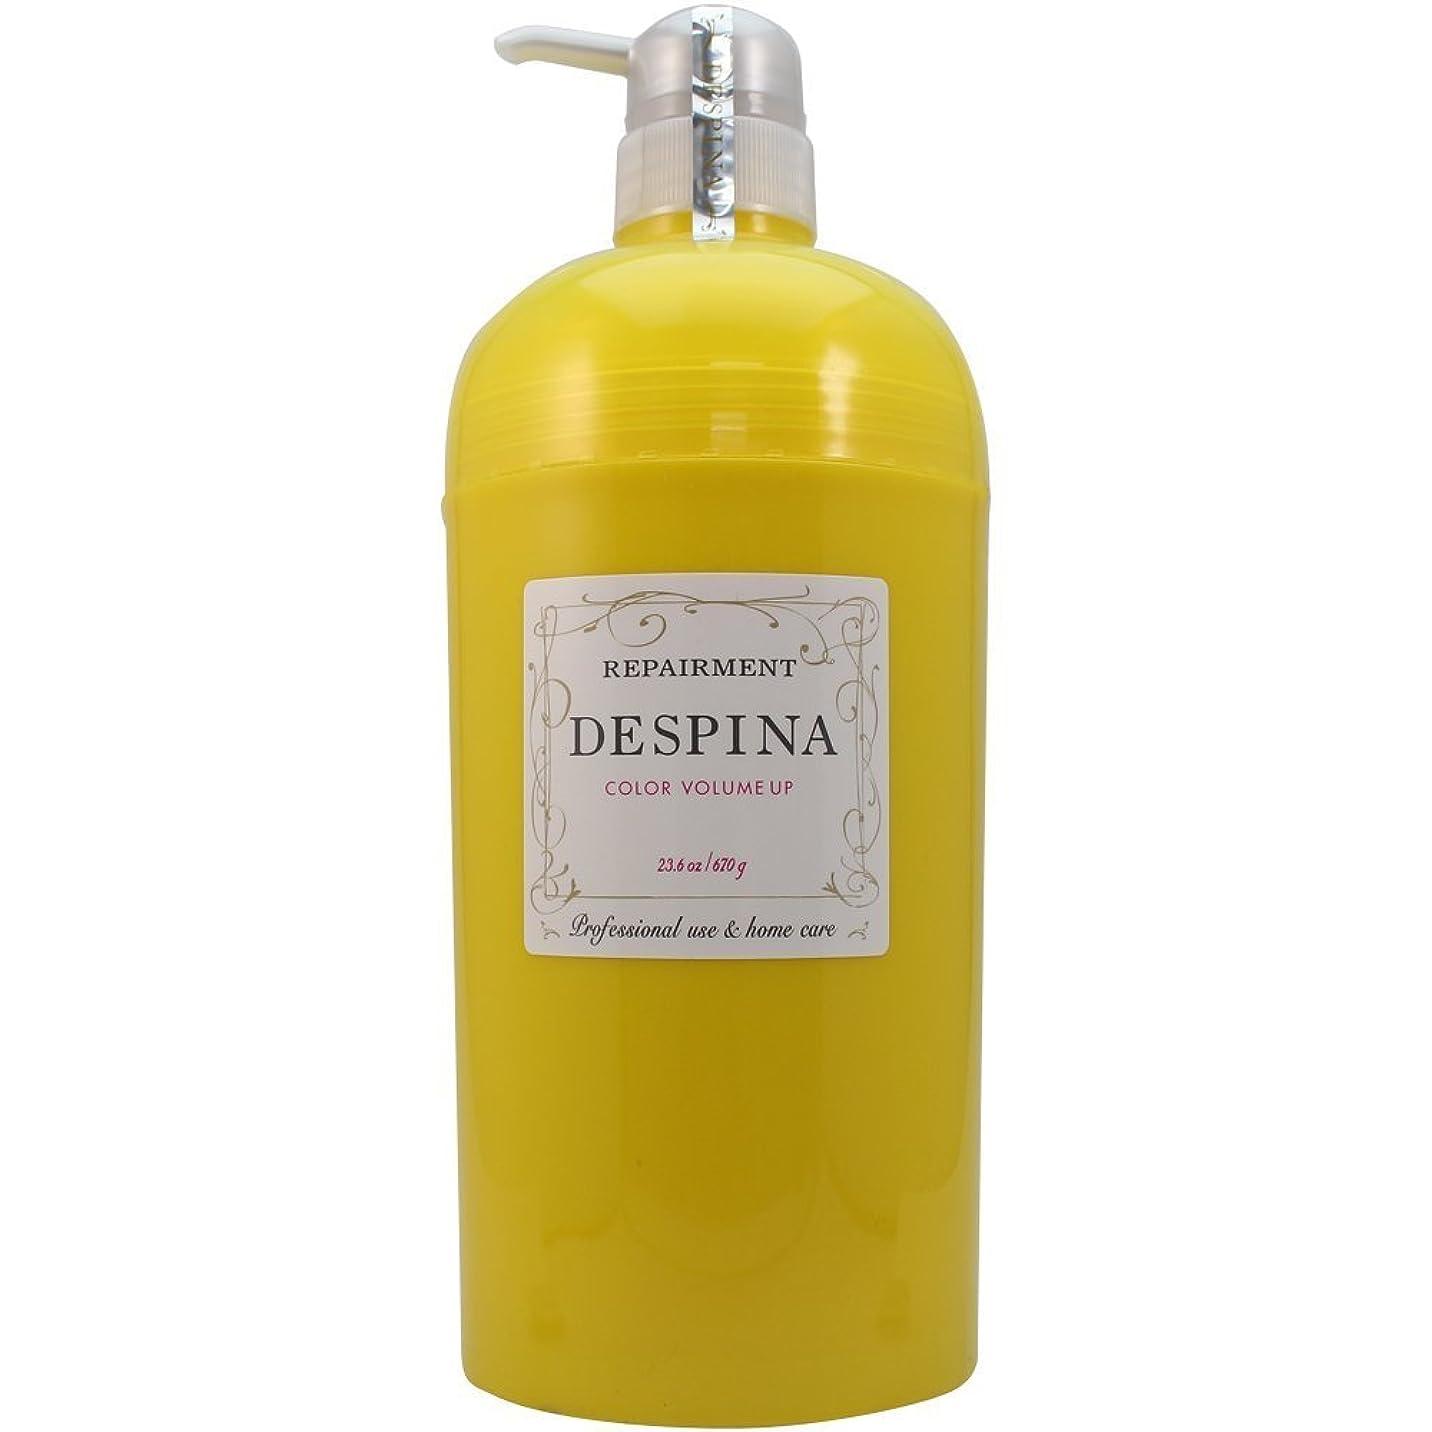 計算するスカープ悲しむ中野製薬 デスピナ リペアメント カラー ボリュームアップ 670g